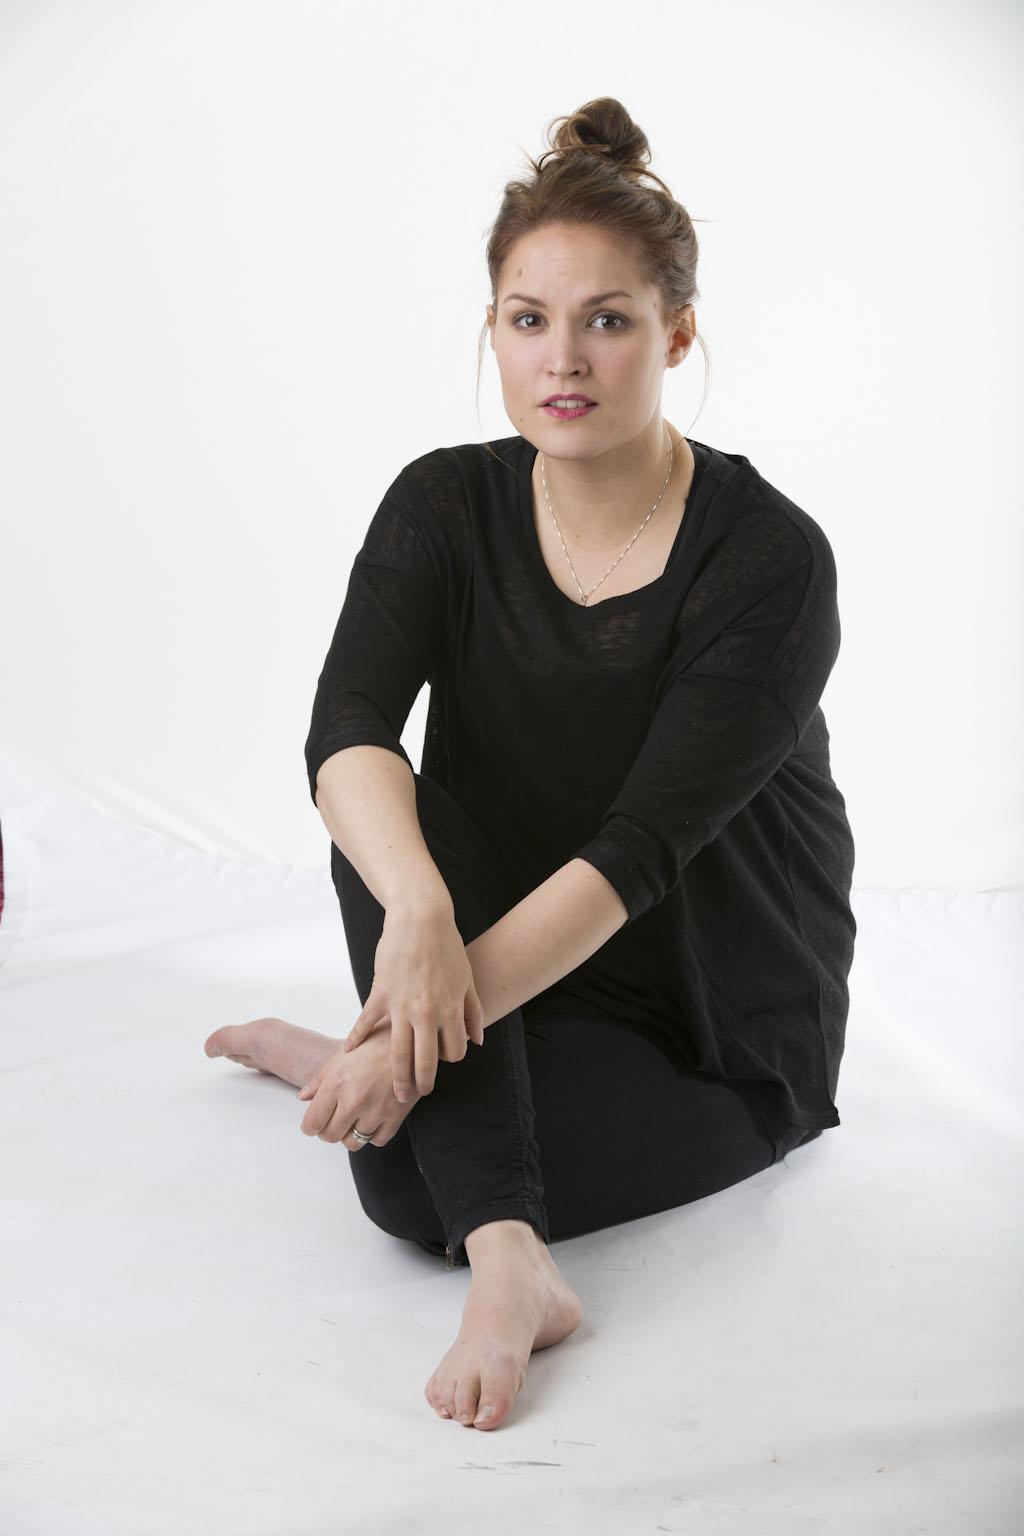 Juulianna Mäkelä